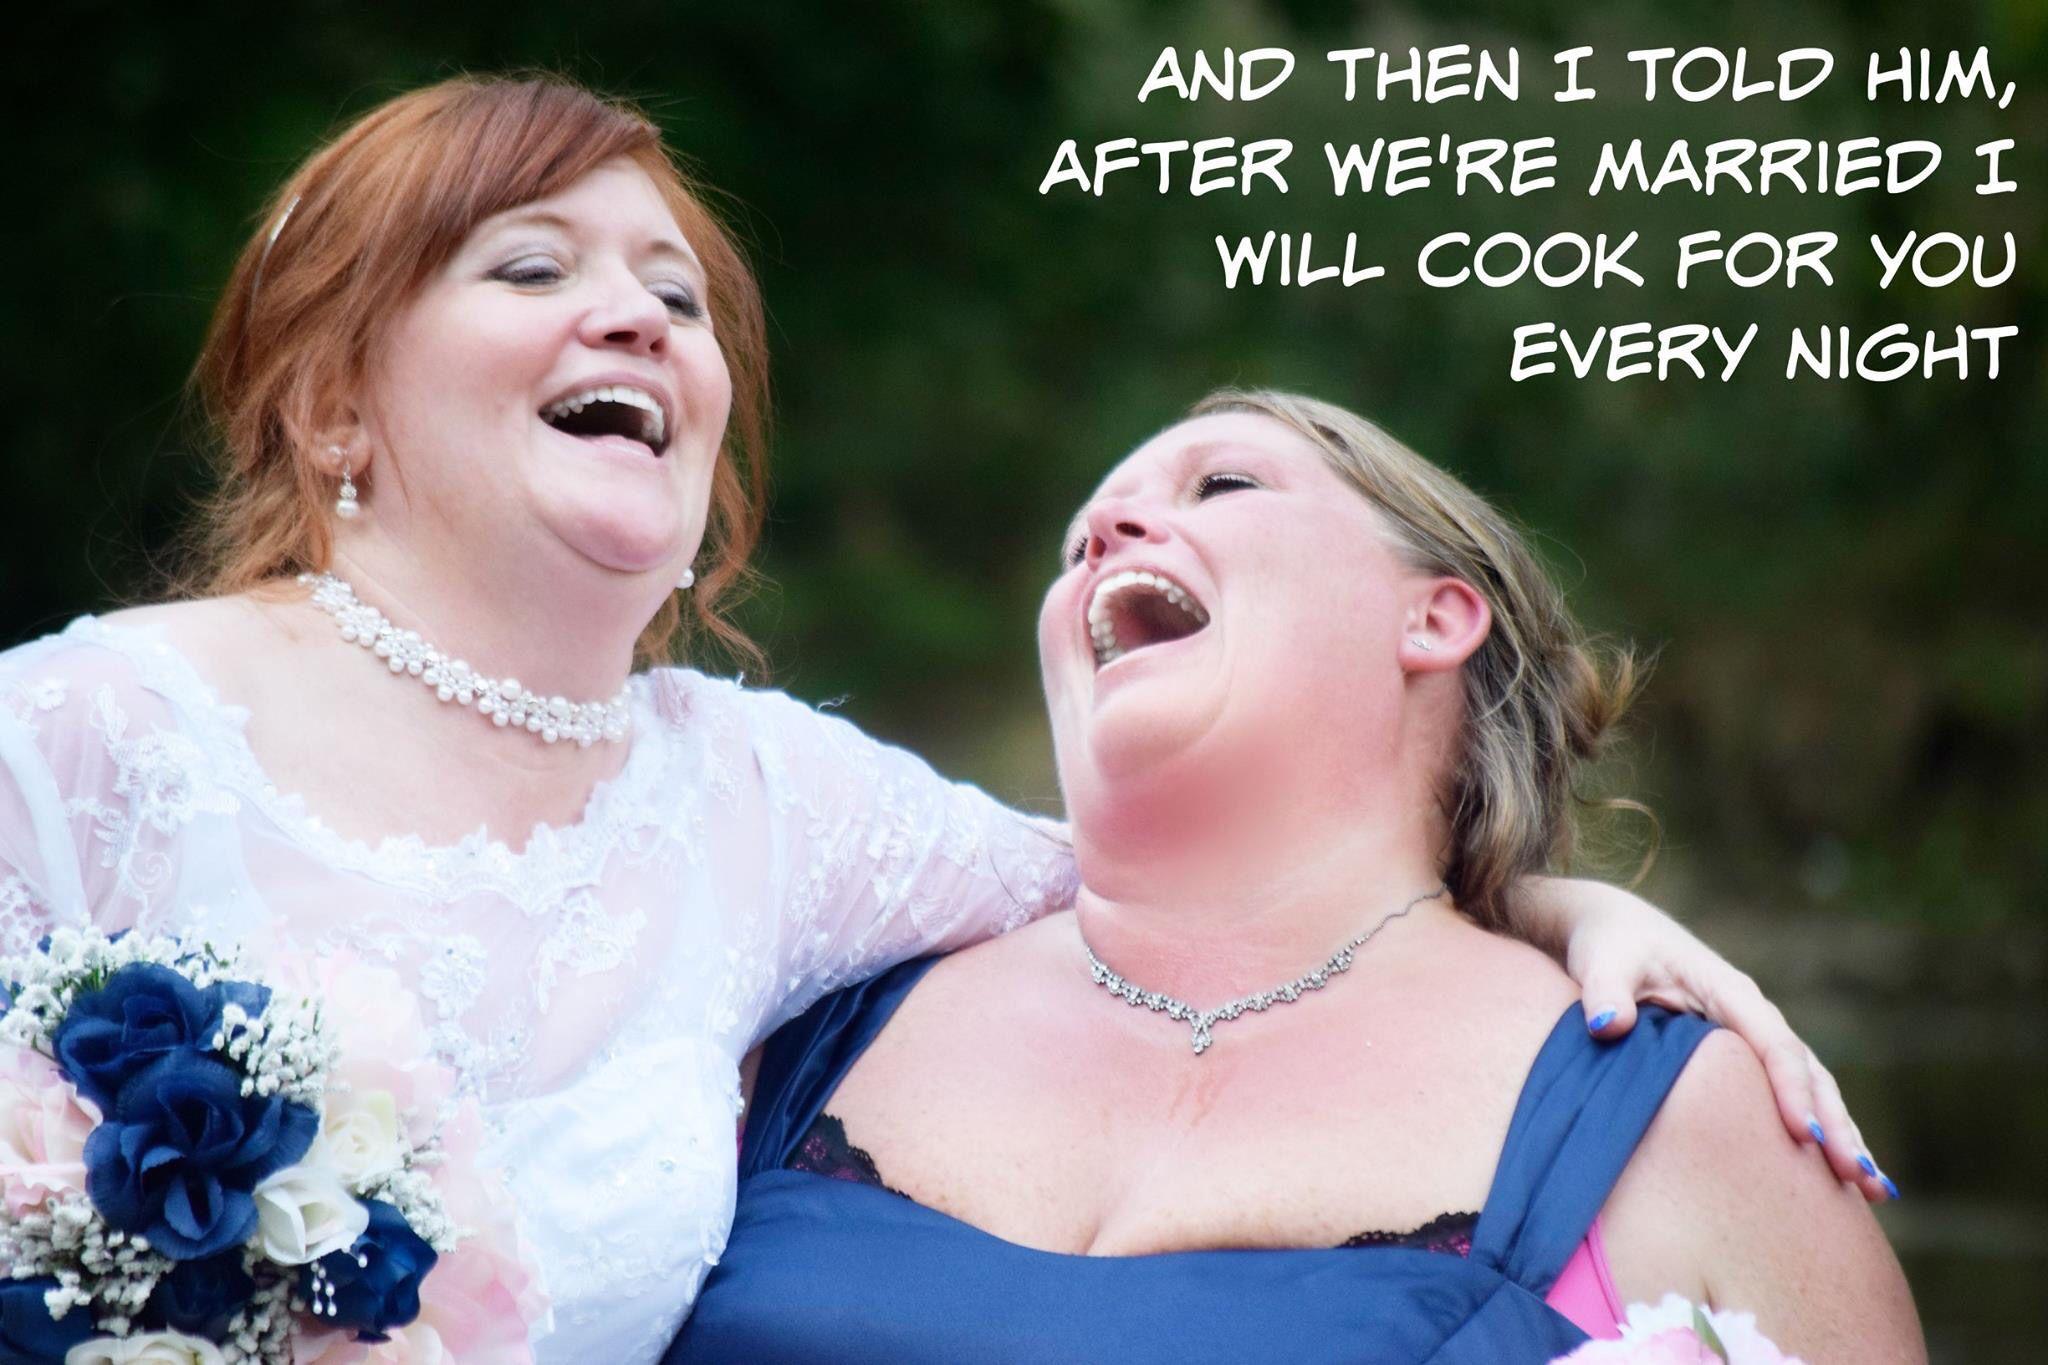 Wedding funny caption. Wedding humor, Photography work